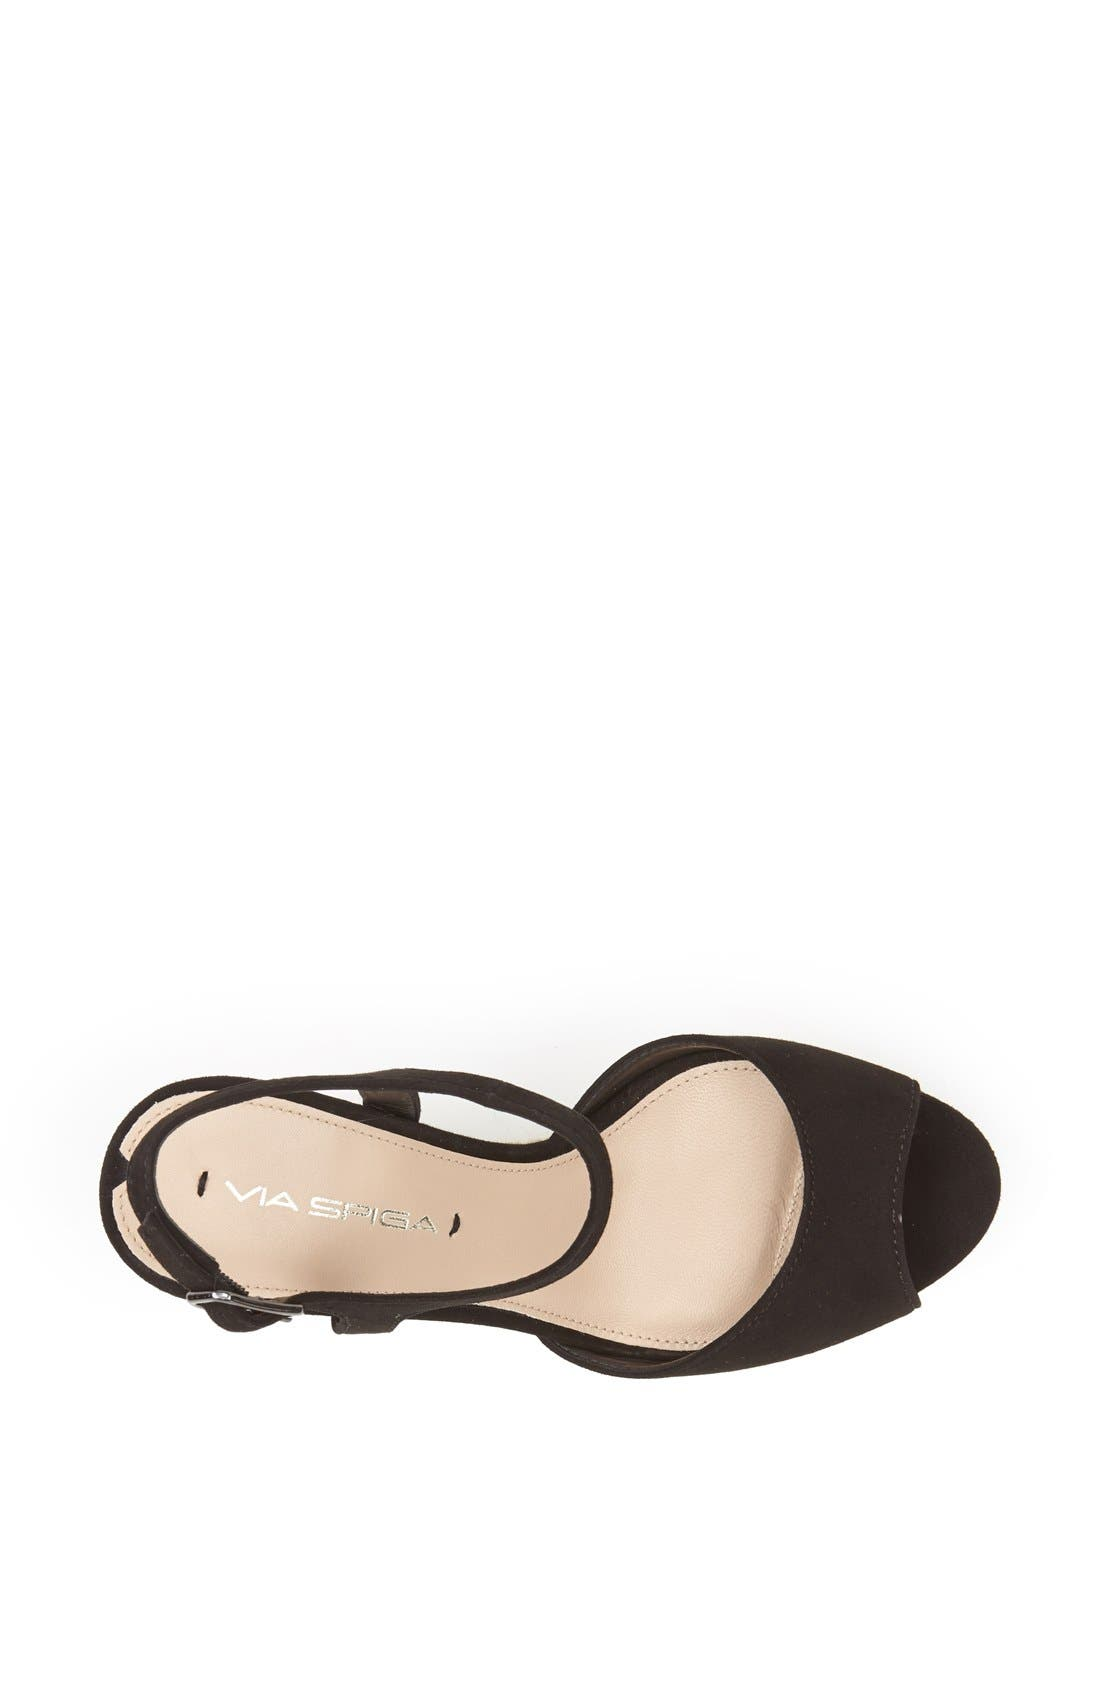 Alternate Image 3  - Via Spiga 'Melia' Wedge Sandal